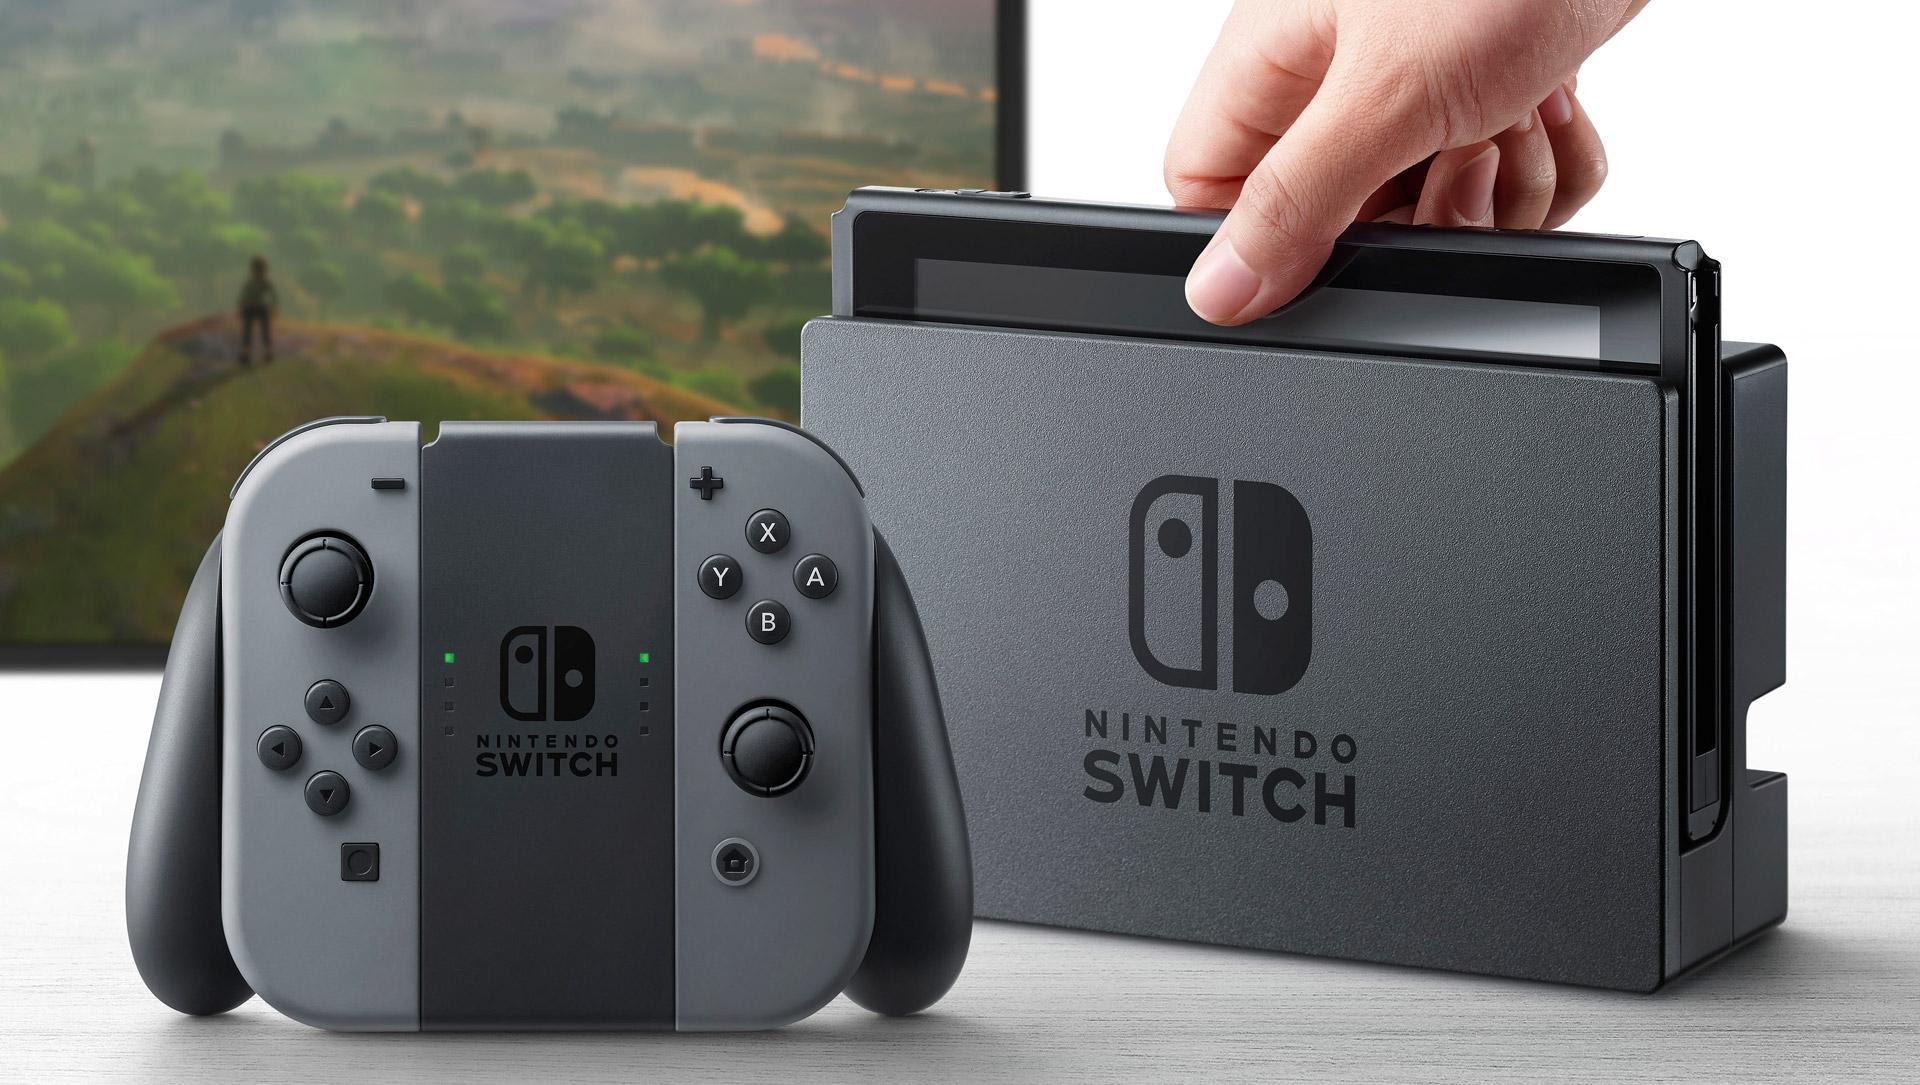 Nintendo Switch - Konsole und Controller